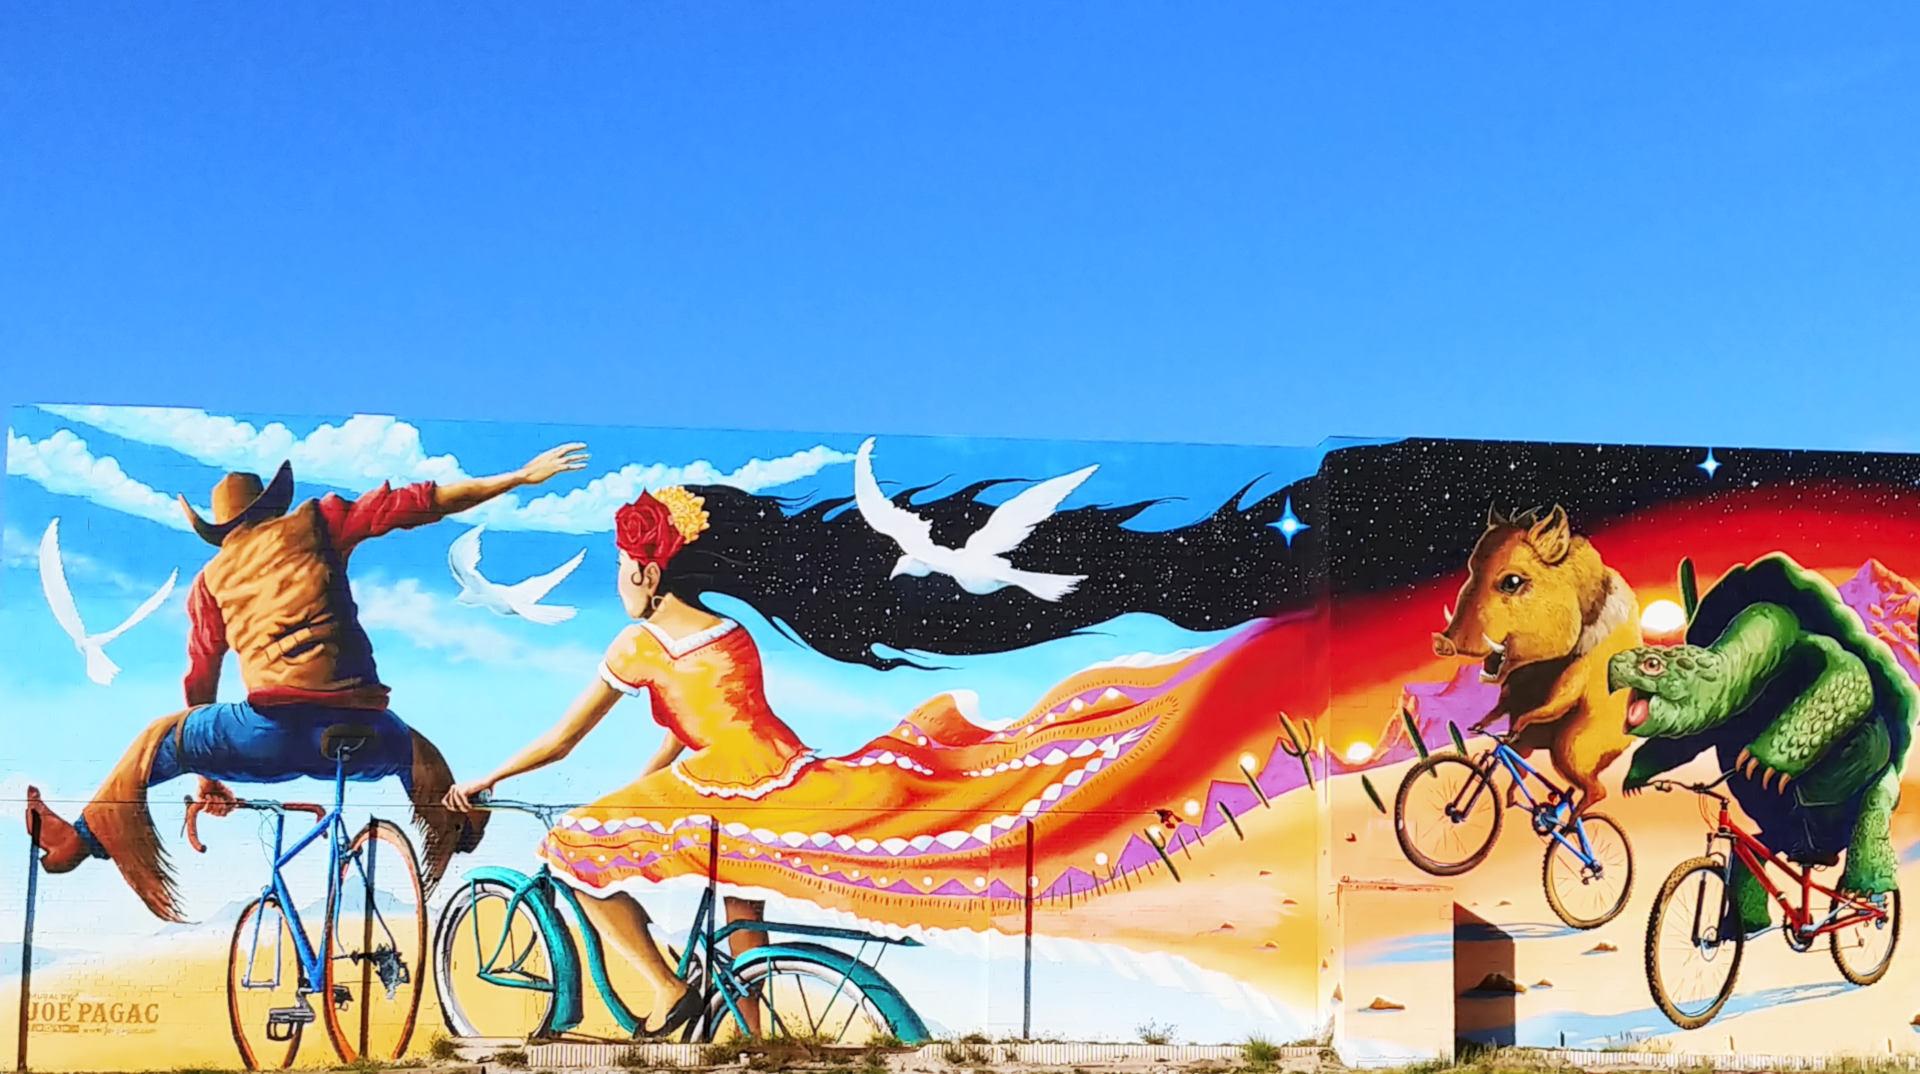 Tucson Mural at Epic Rides by Joe Pagac